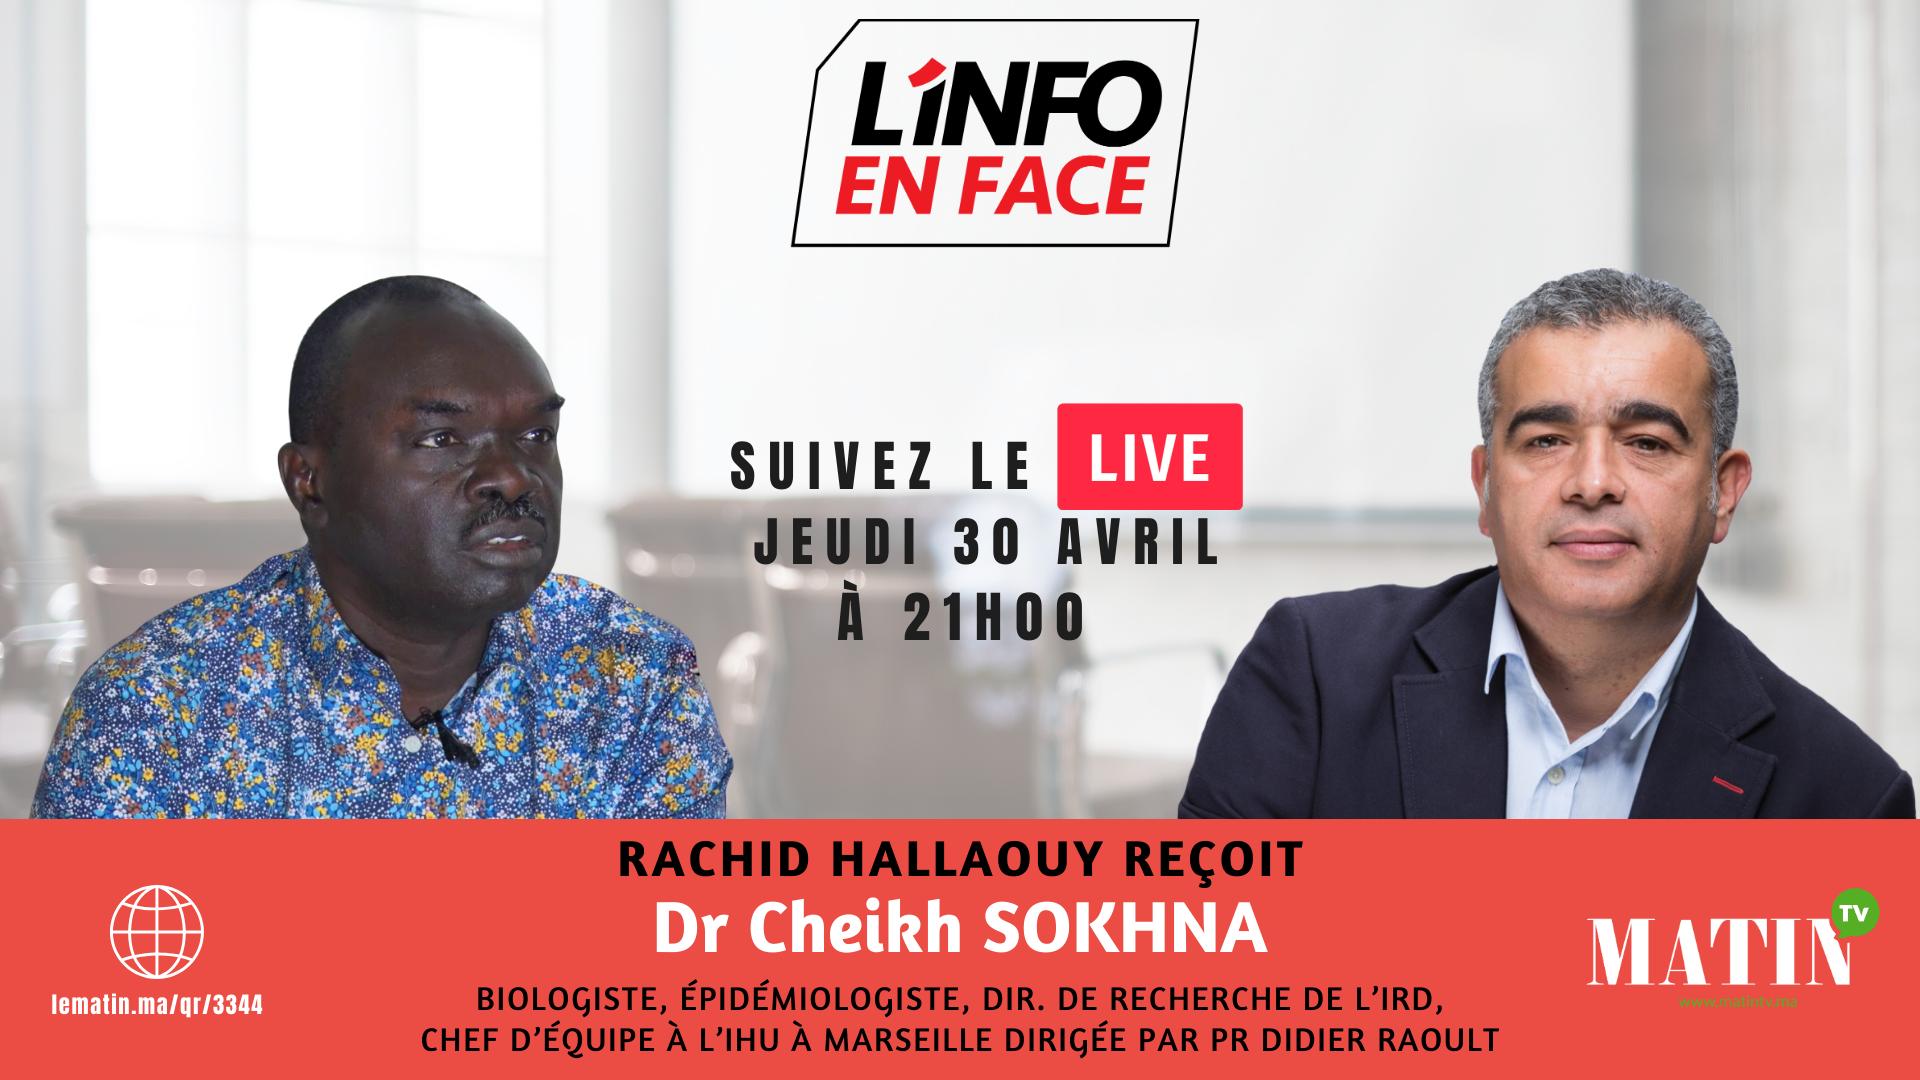 Live : L'Info en Face Cheikh Sokhna